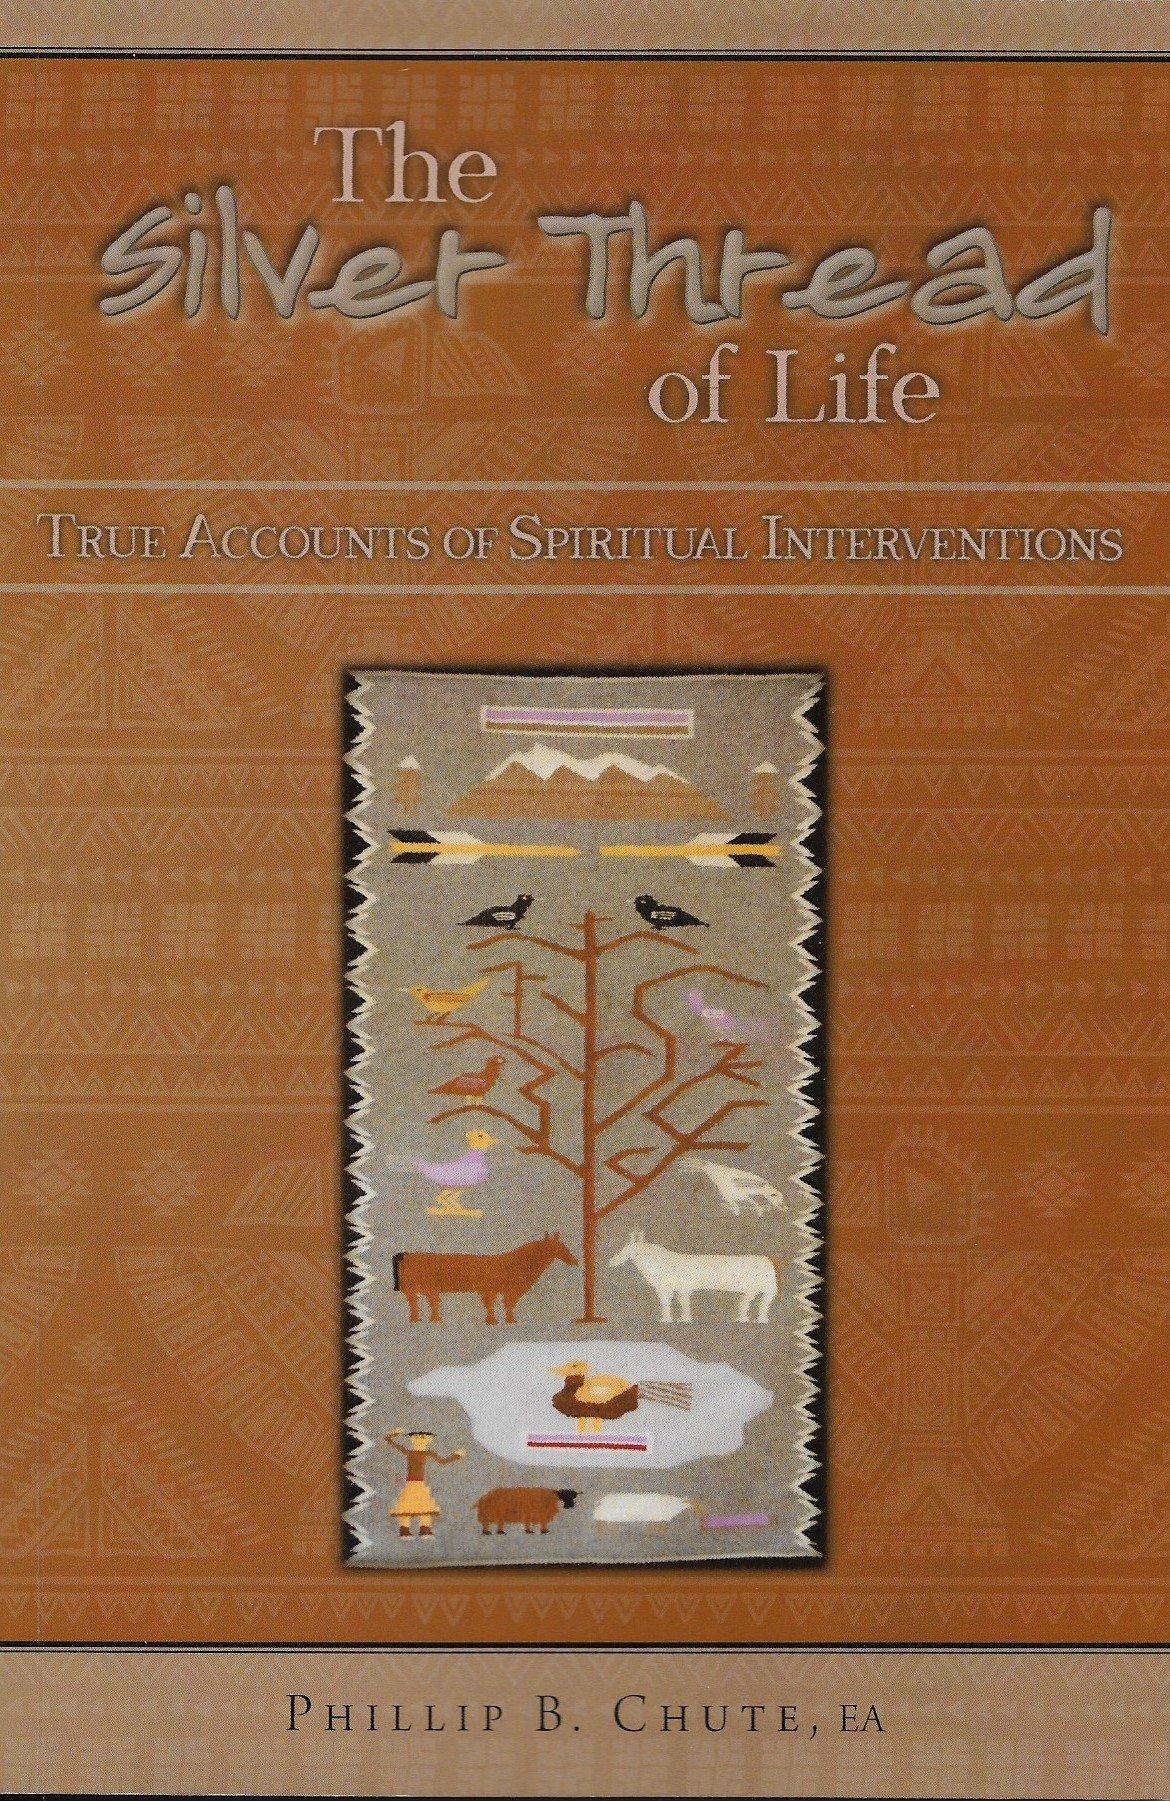 DE LUCIA P. - ENTRE DOS AGUAS -: Amazon.es: Libros